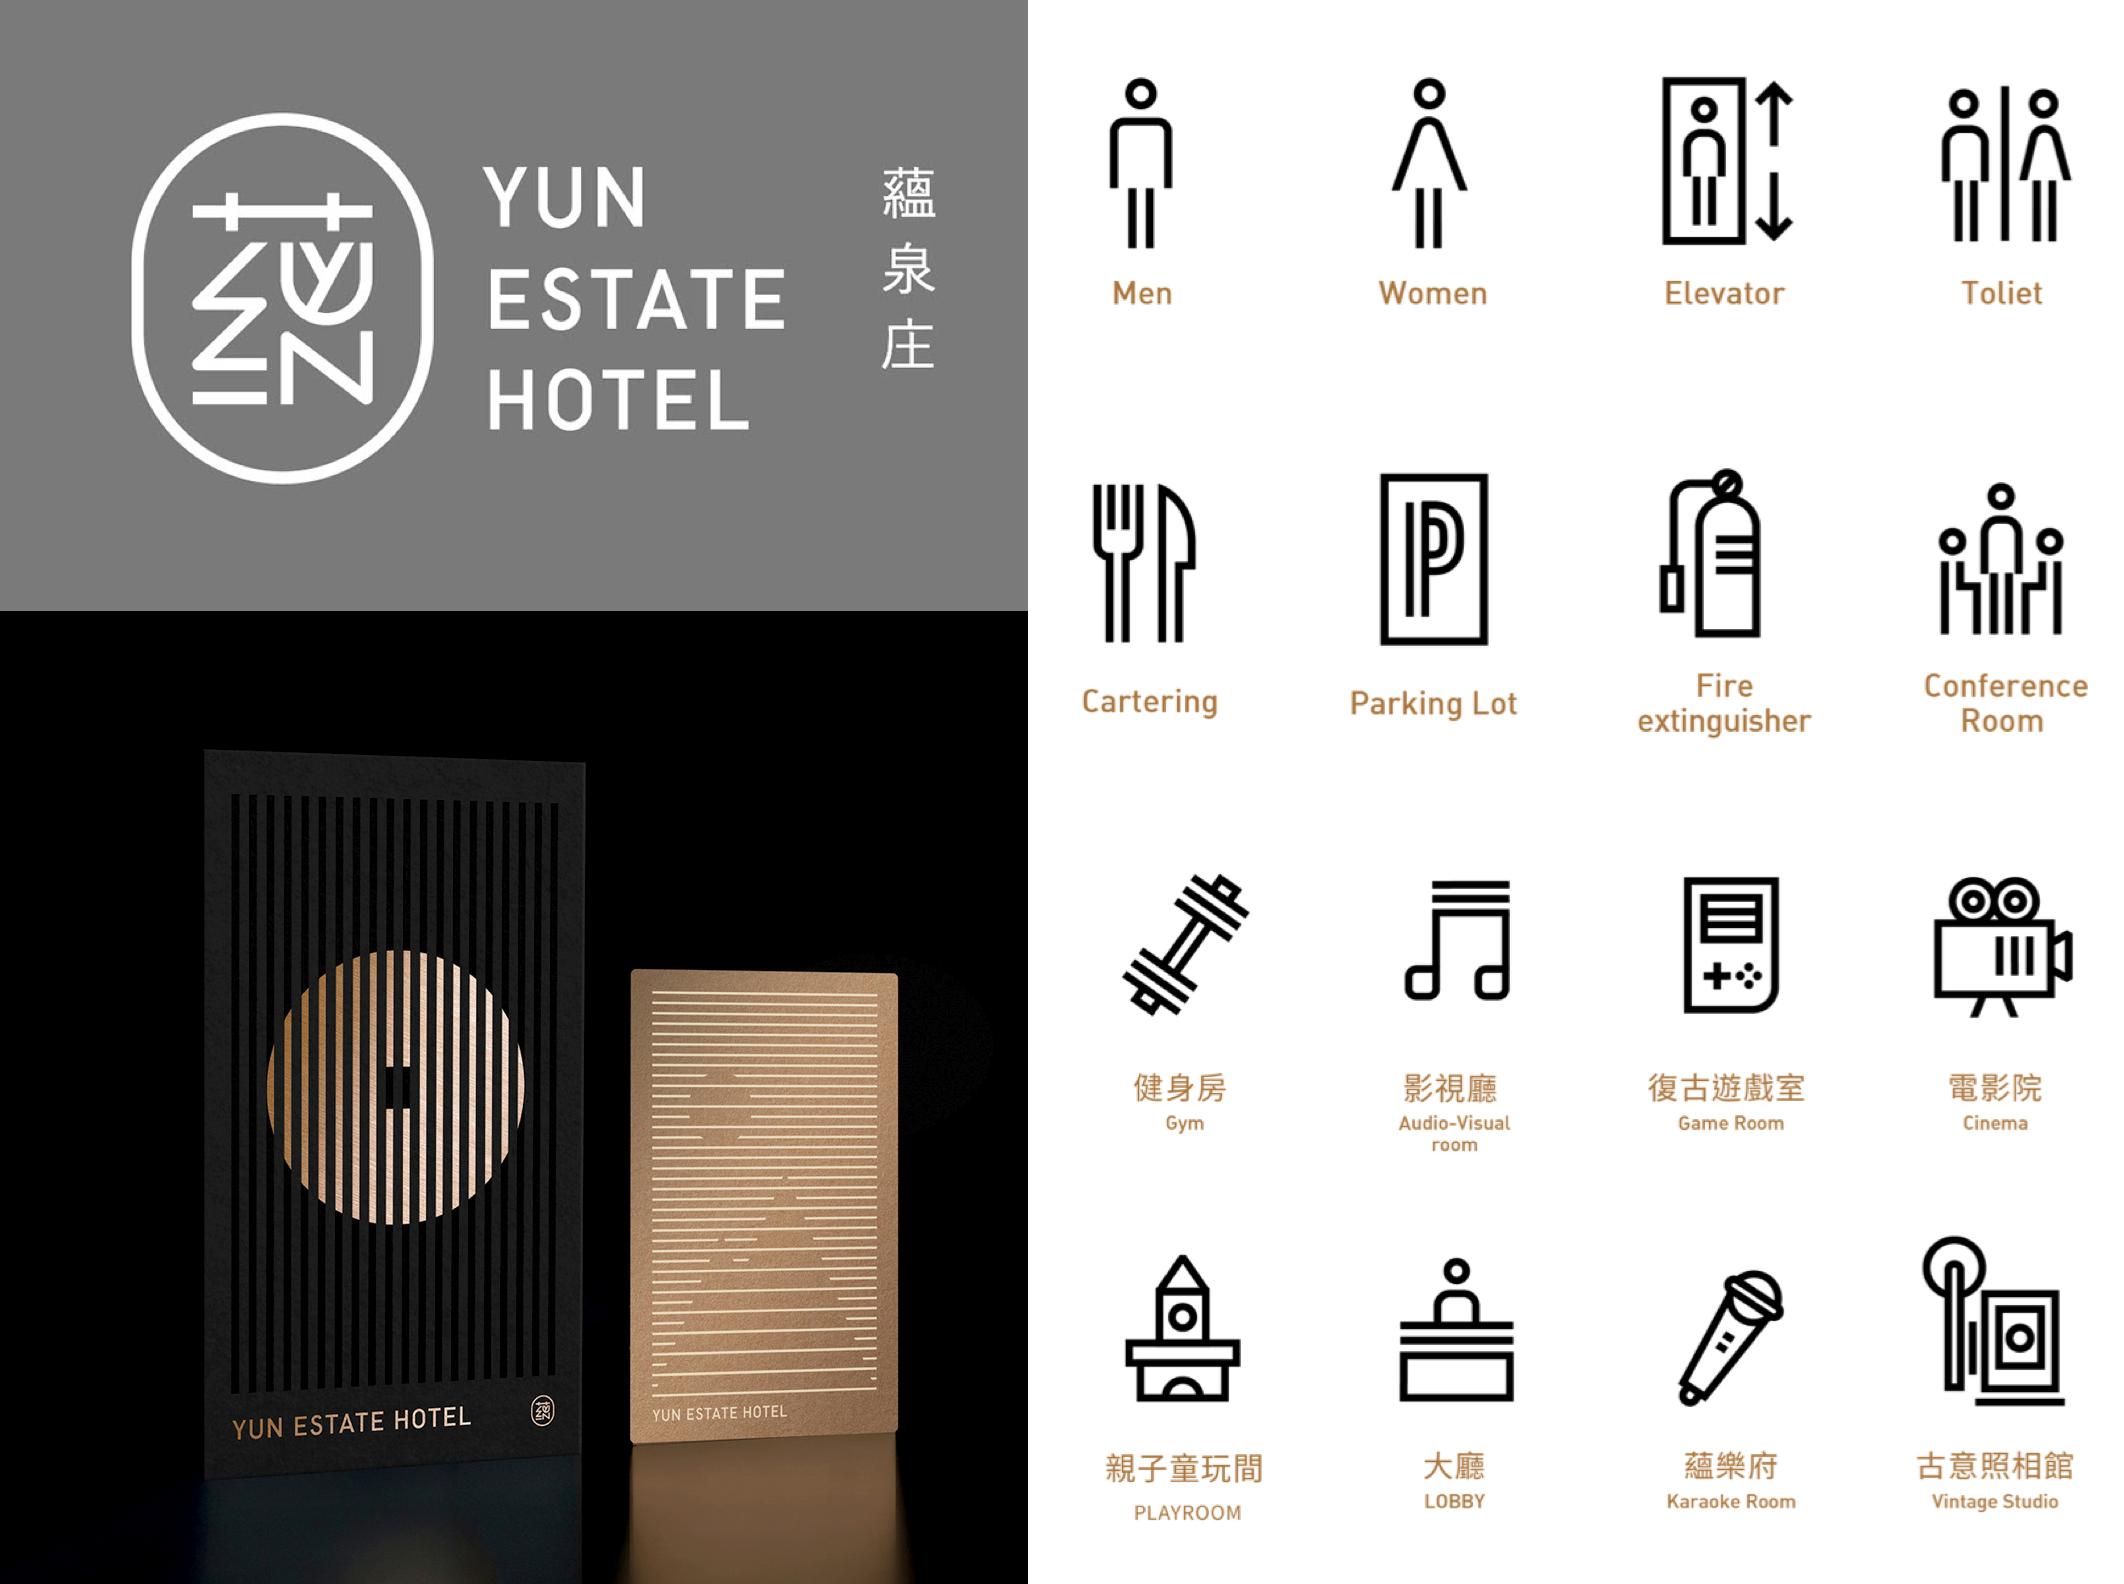 蘊泉庄 溫泉飯店 品牌識別規劃設計